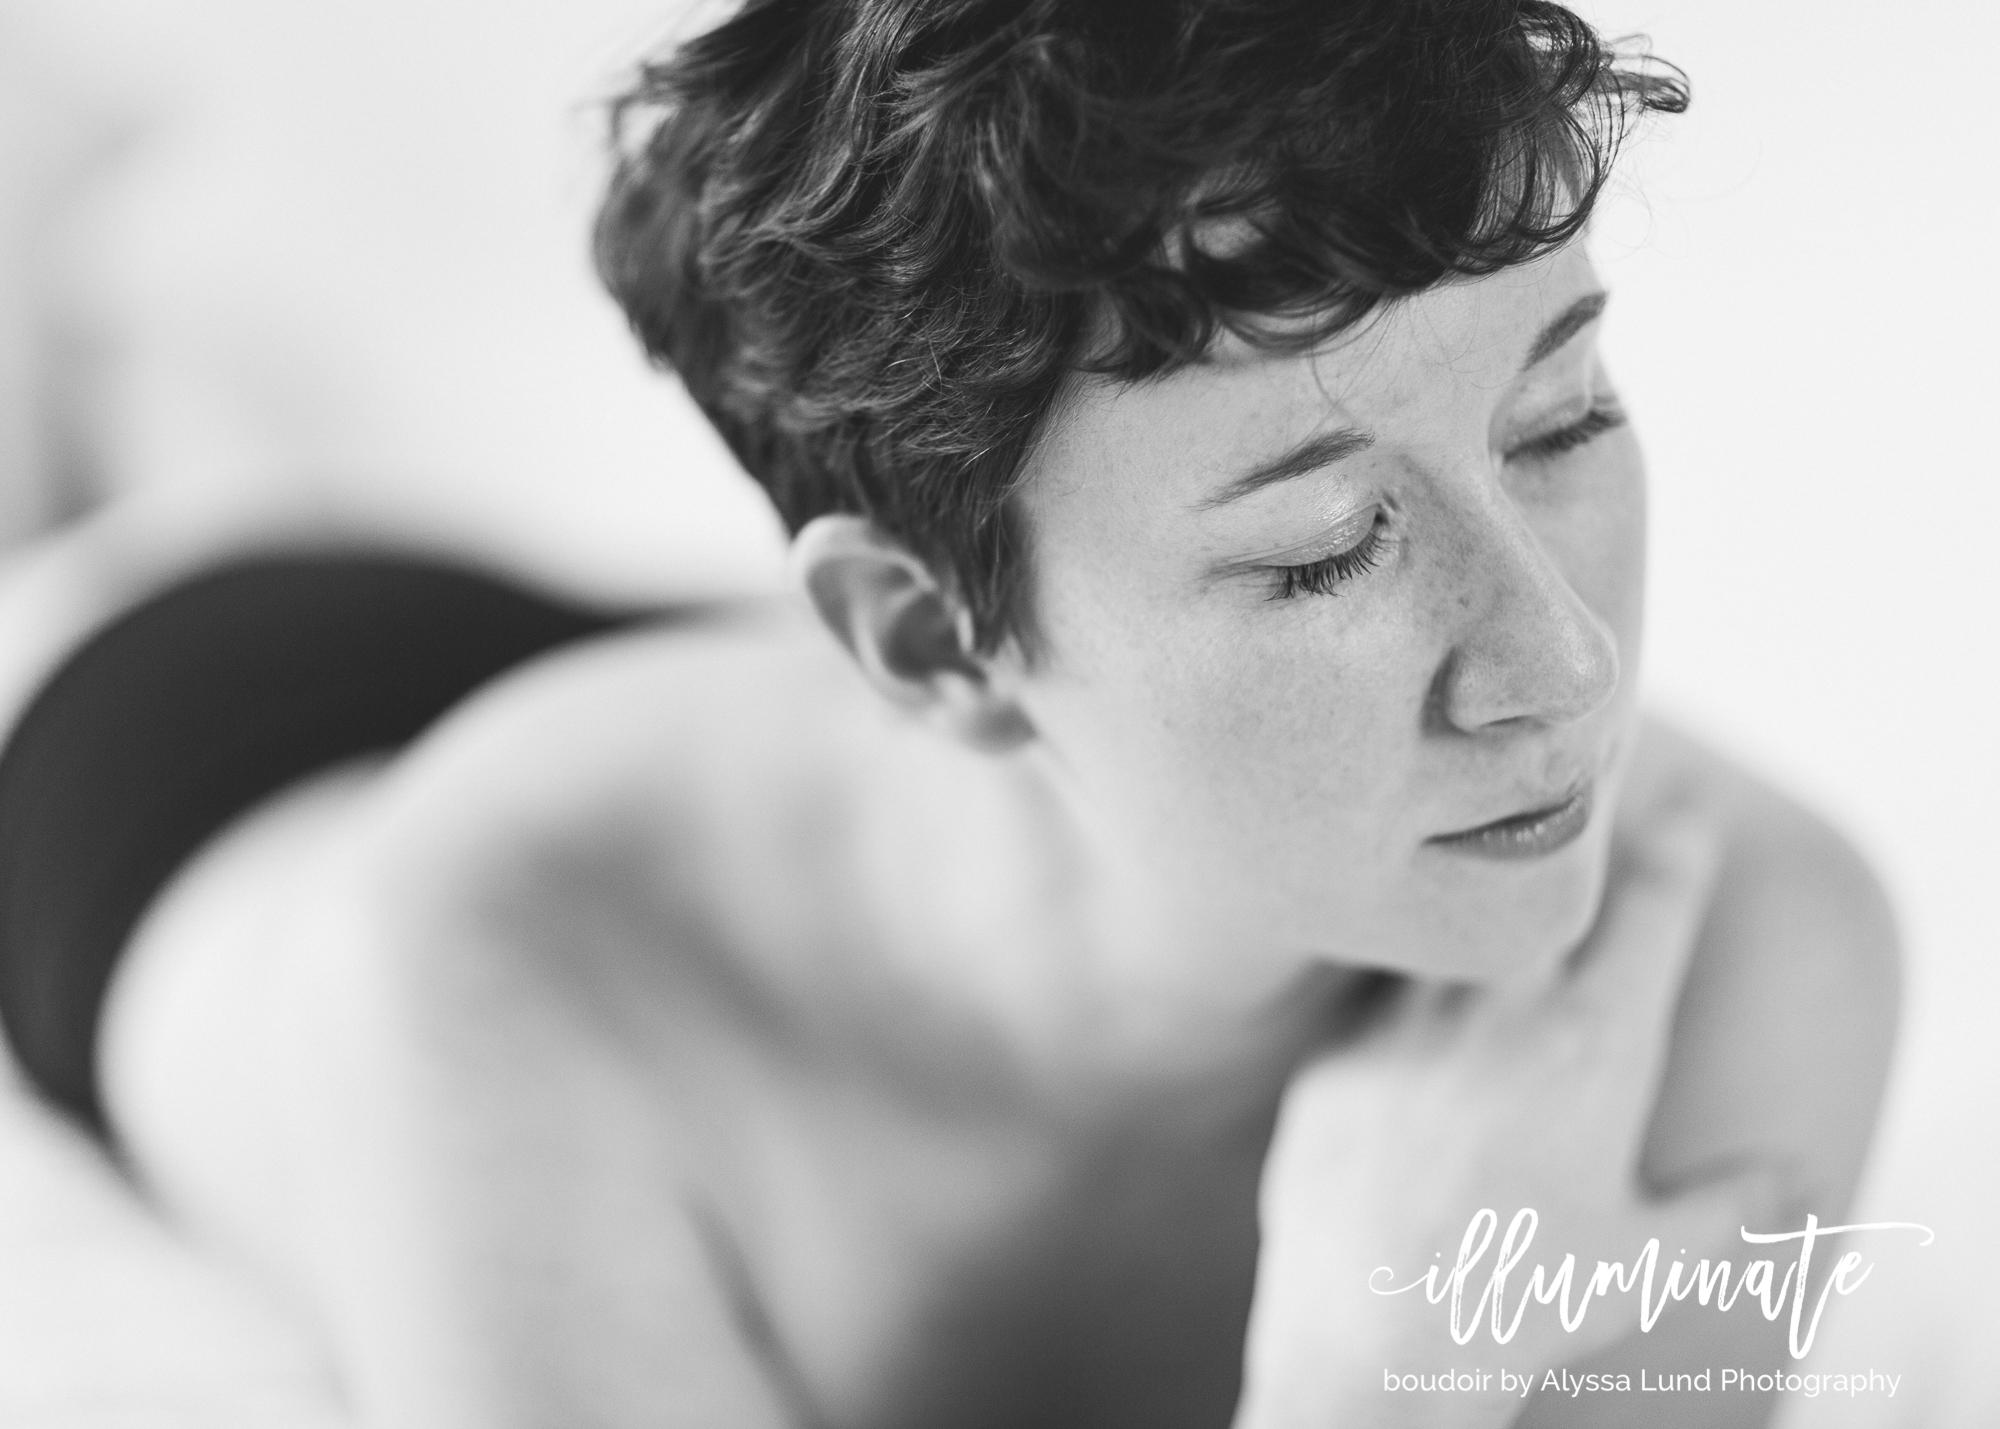 soulful-Minneapolis-boudoir-portrait